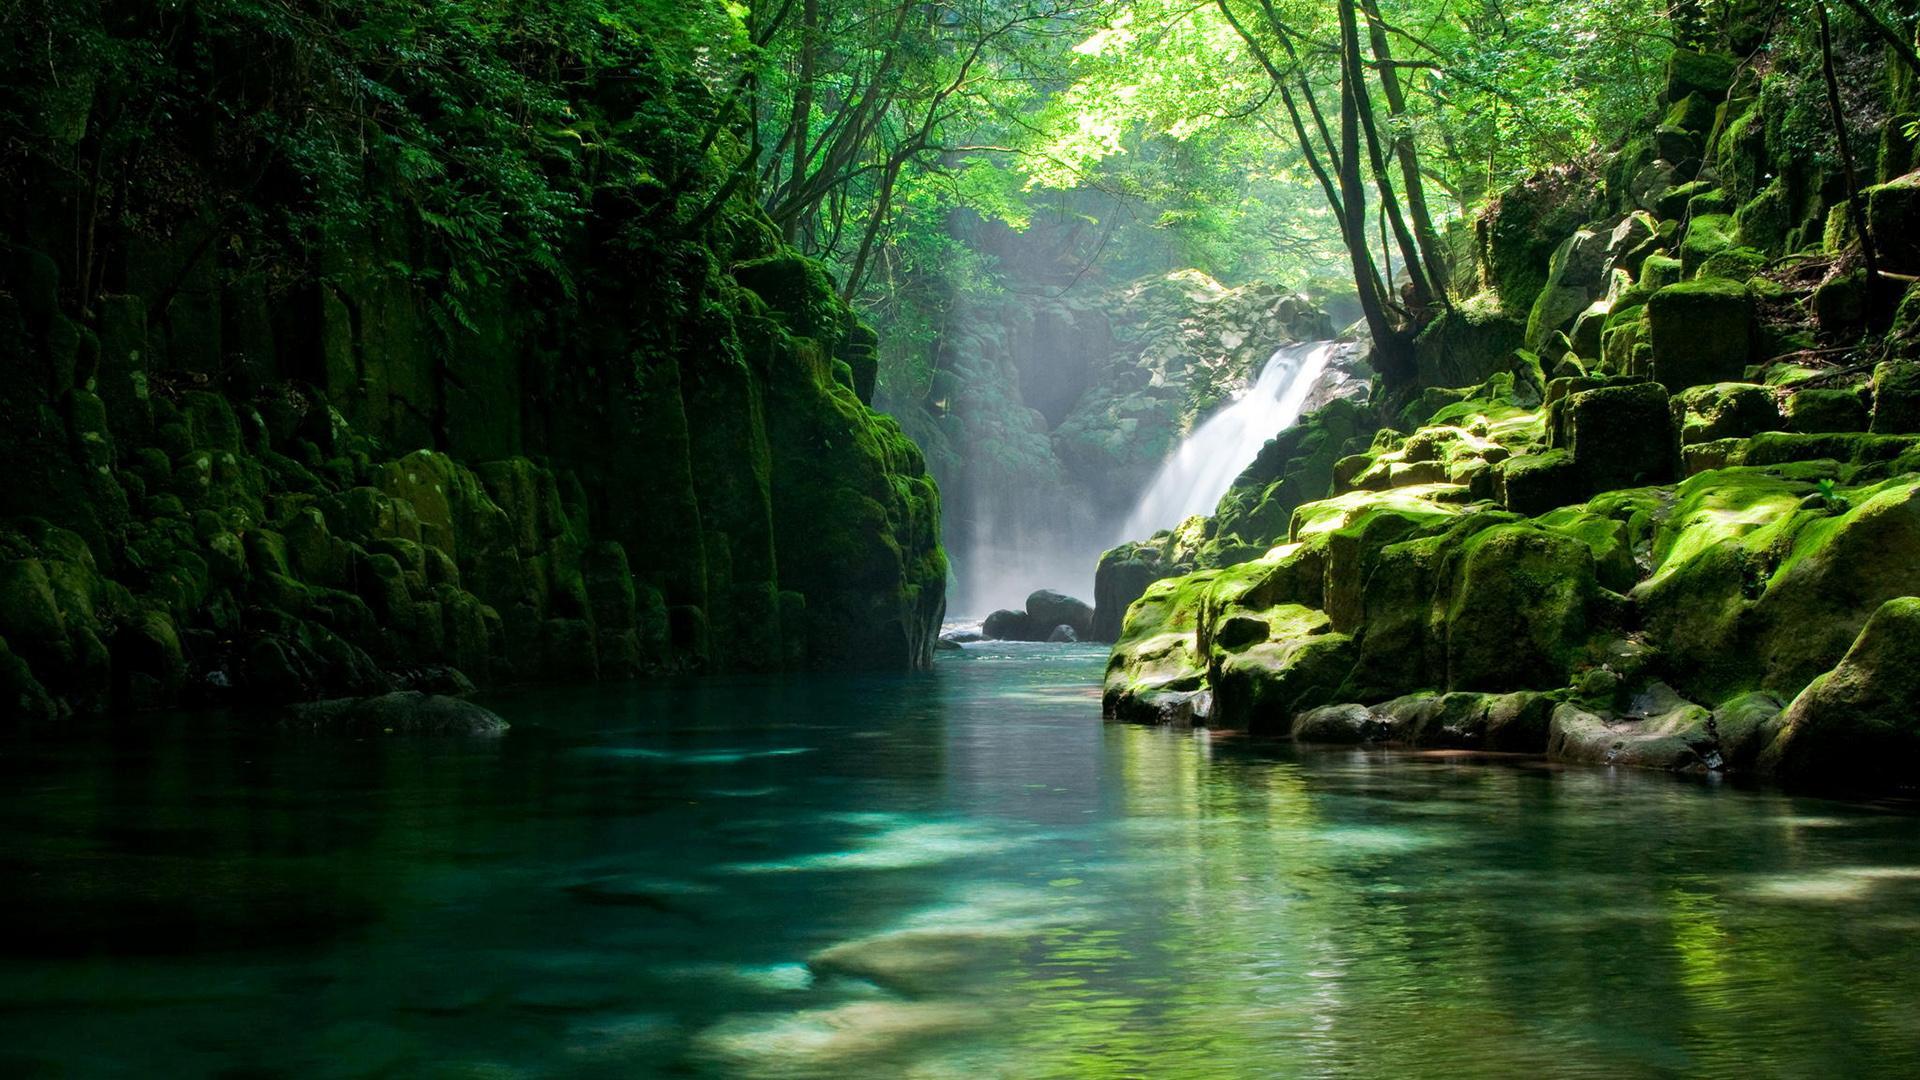 唯美清新的绿色风景图片高清宽屏桌面壁纸